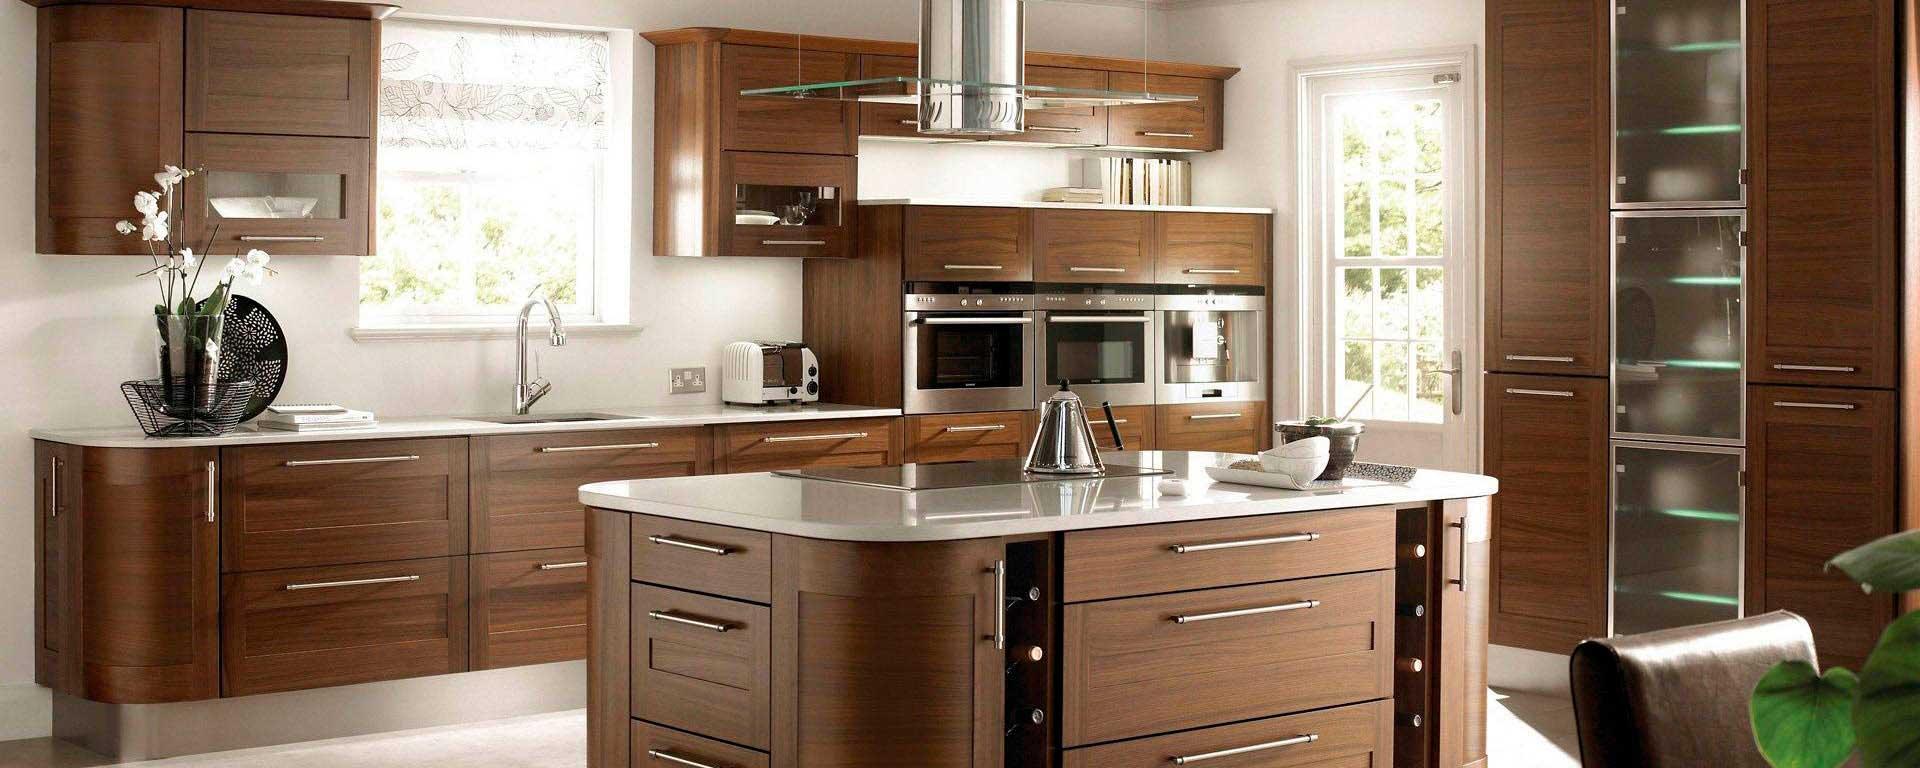 Ремонт кухни 10 кв. метров